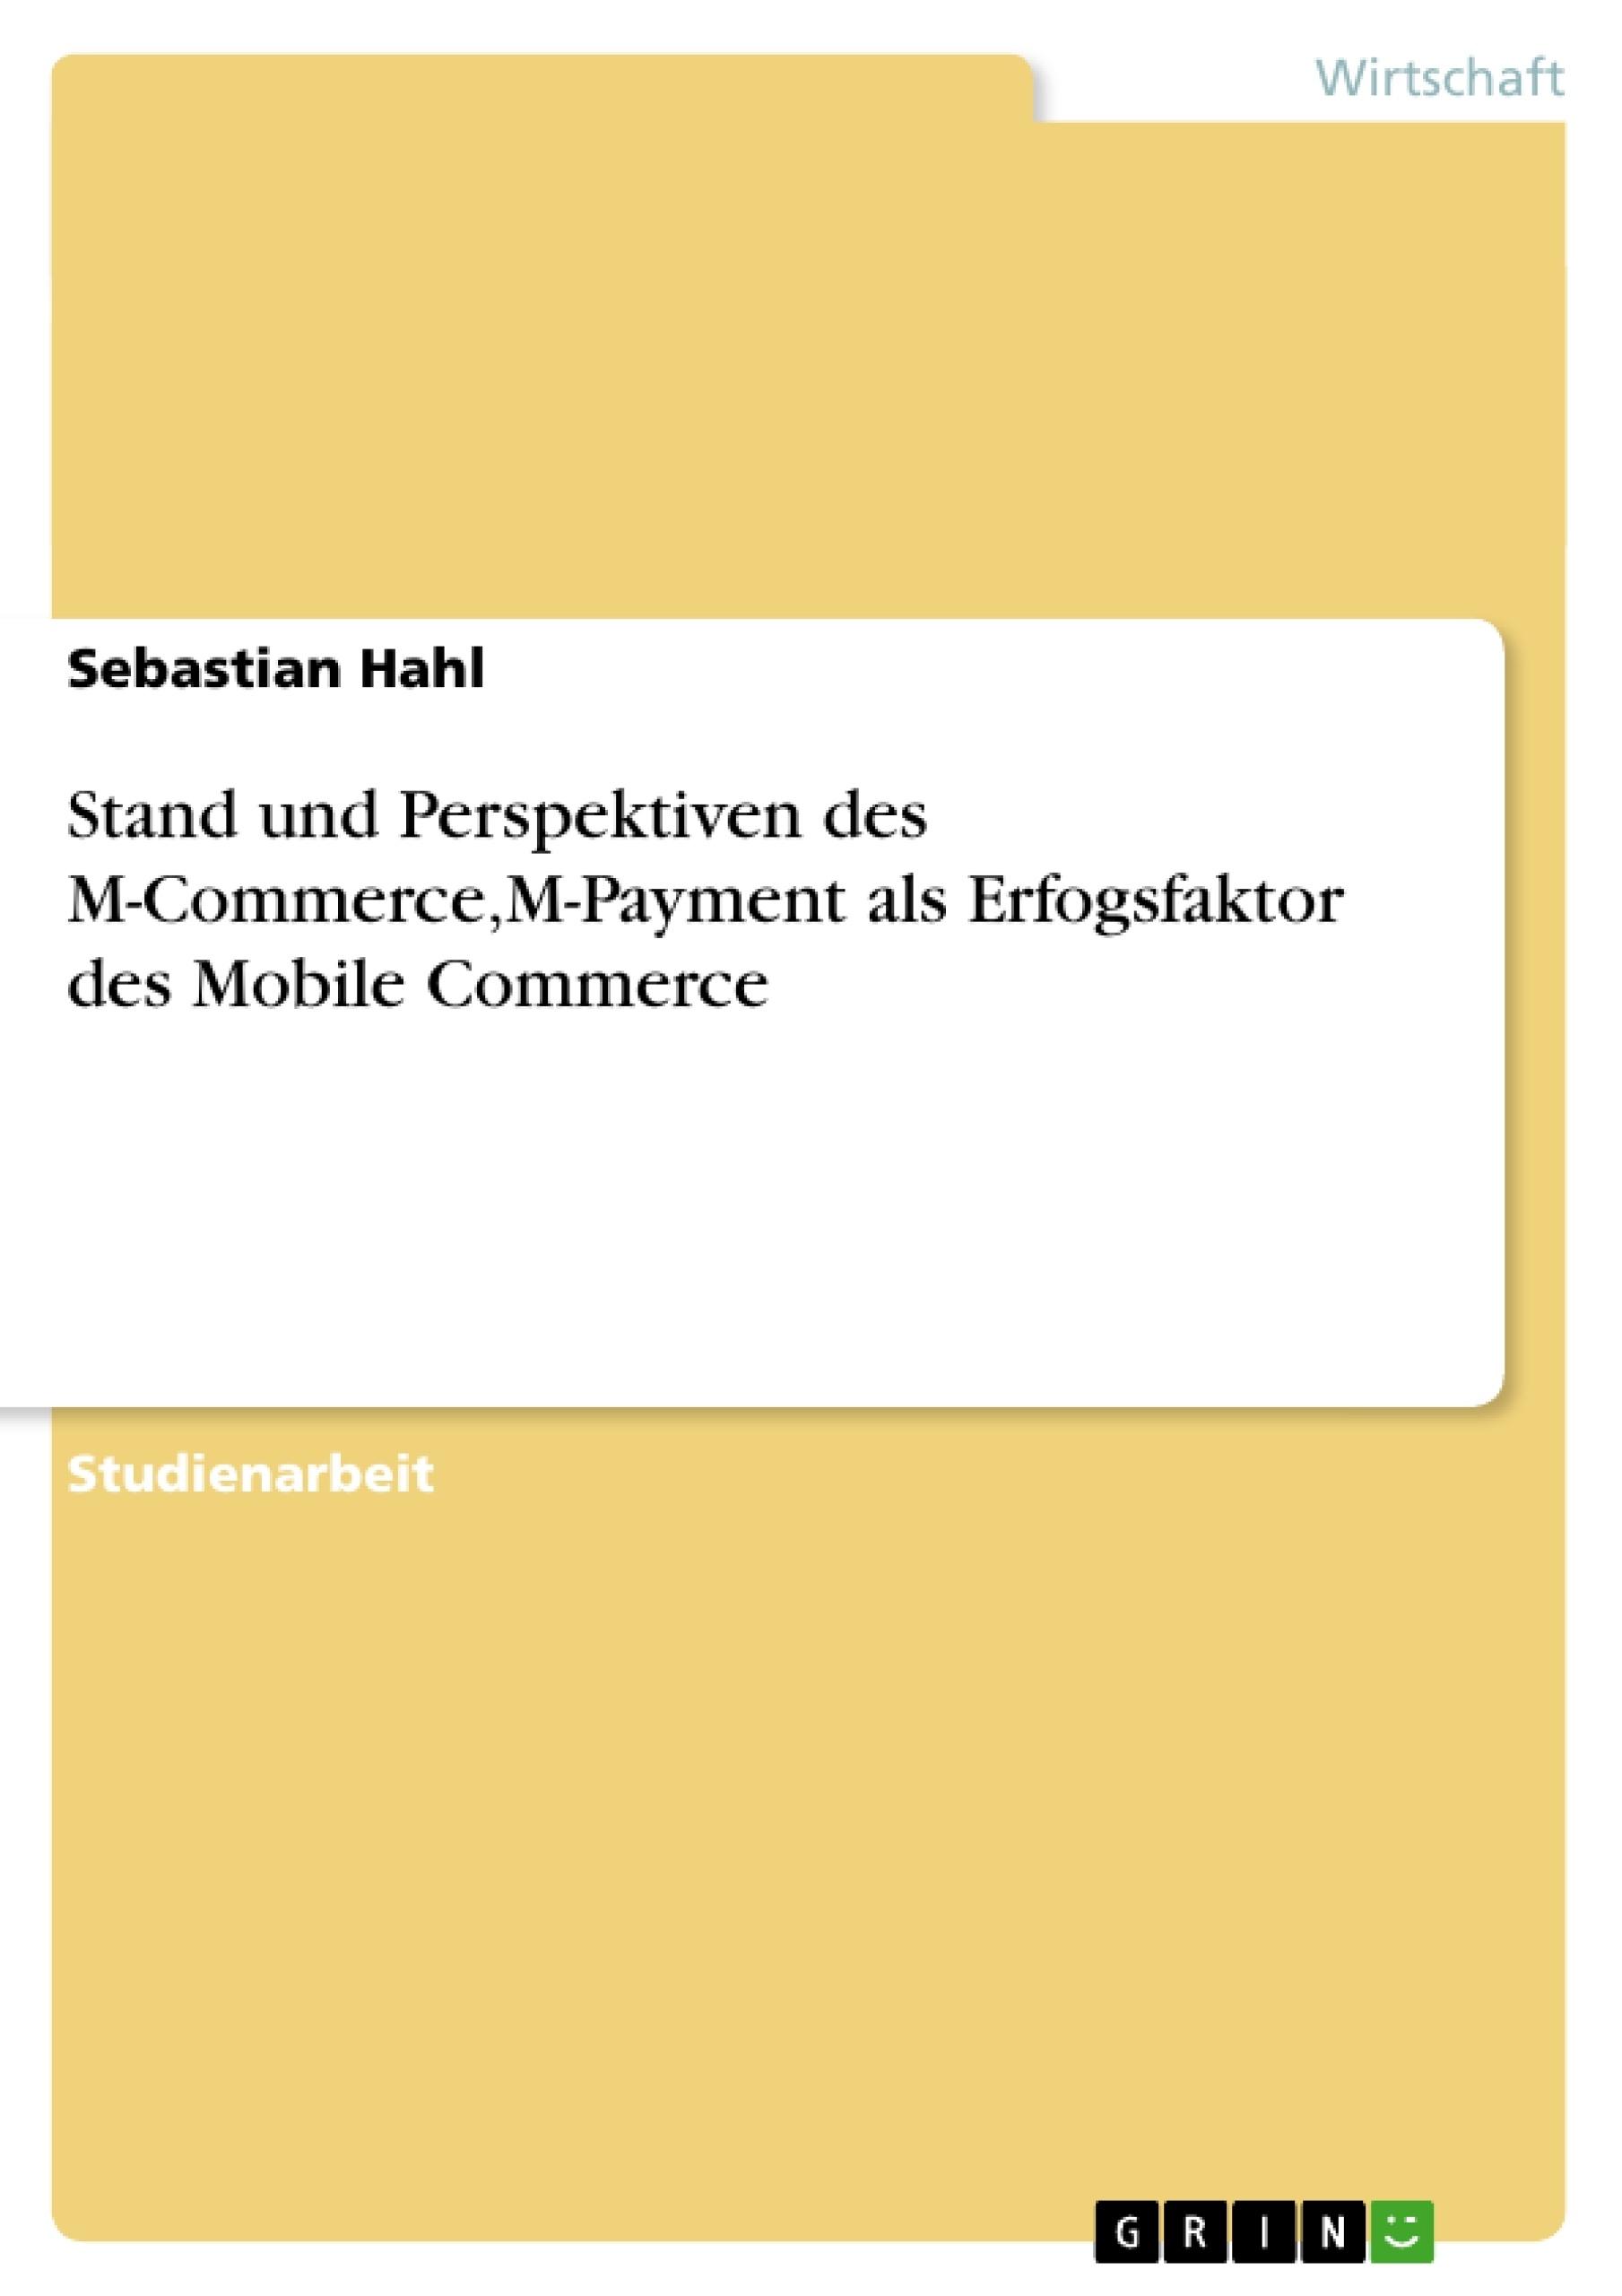 Titel: Stand und Perspektiven des M-Commerce,M-Payment als Erfogsfaktor des Mobile Commerce